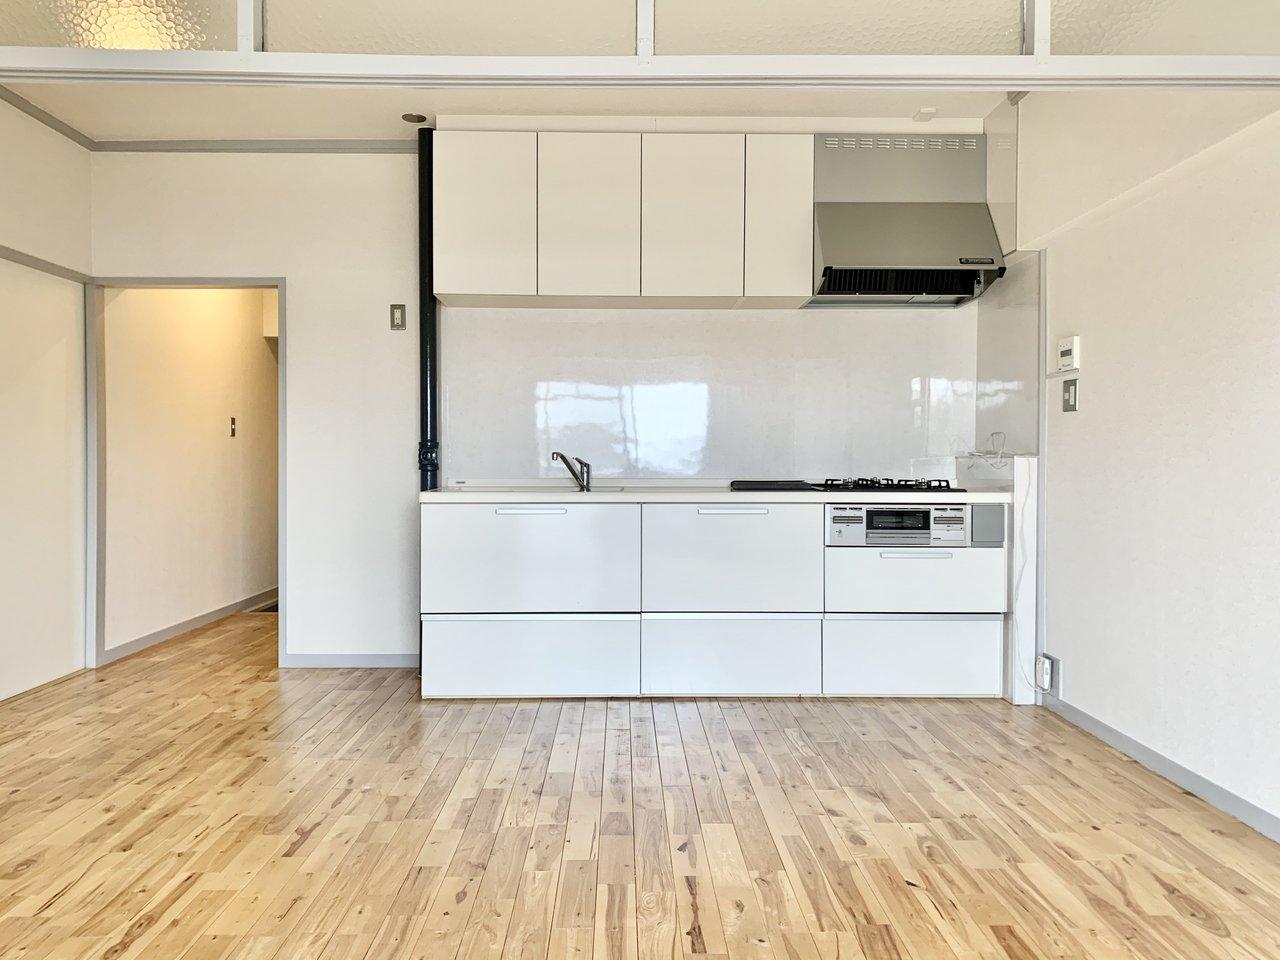 50㎡超えでこの家賃!大人っぽい無垢のフローリングに大きなキッチンが映えるお部屋です。